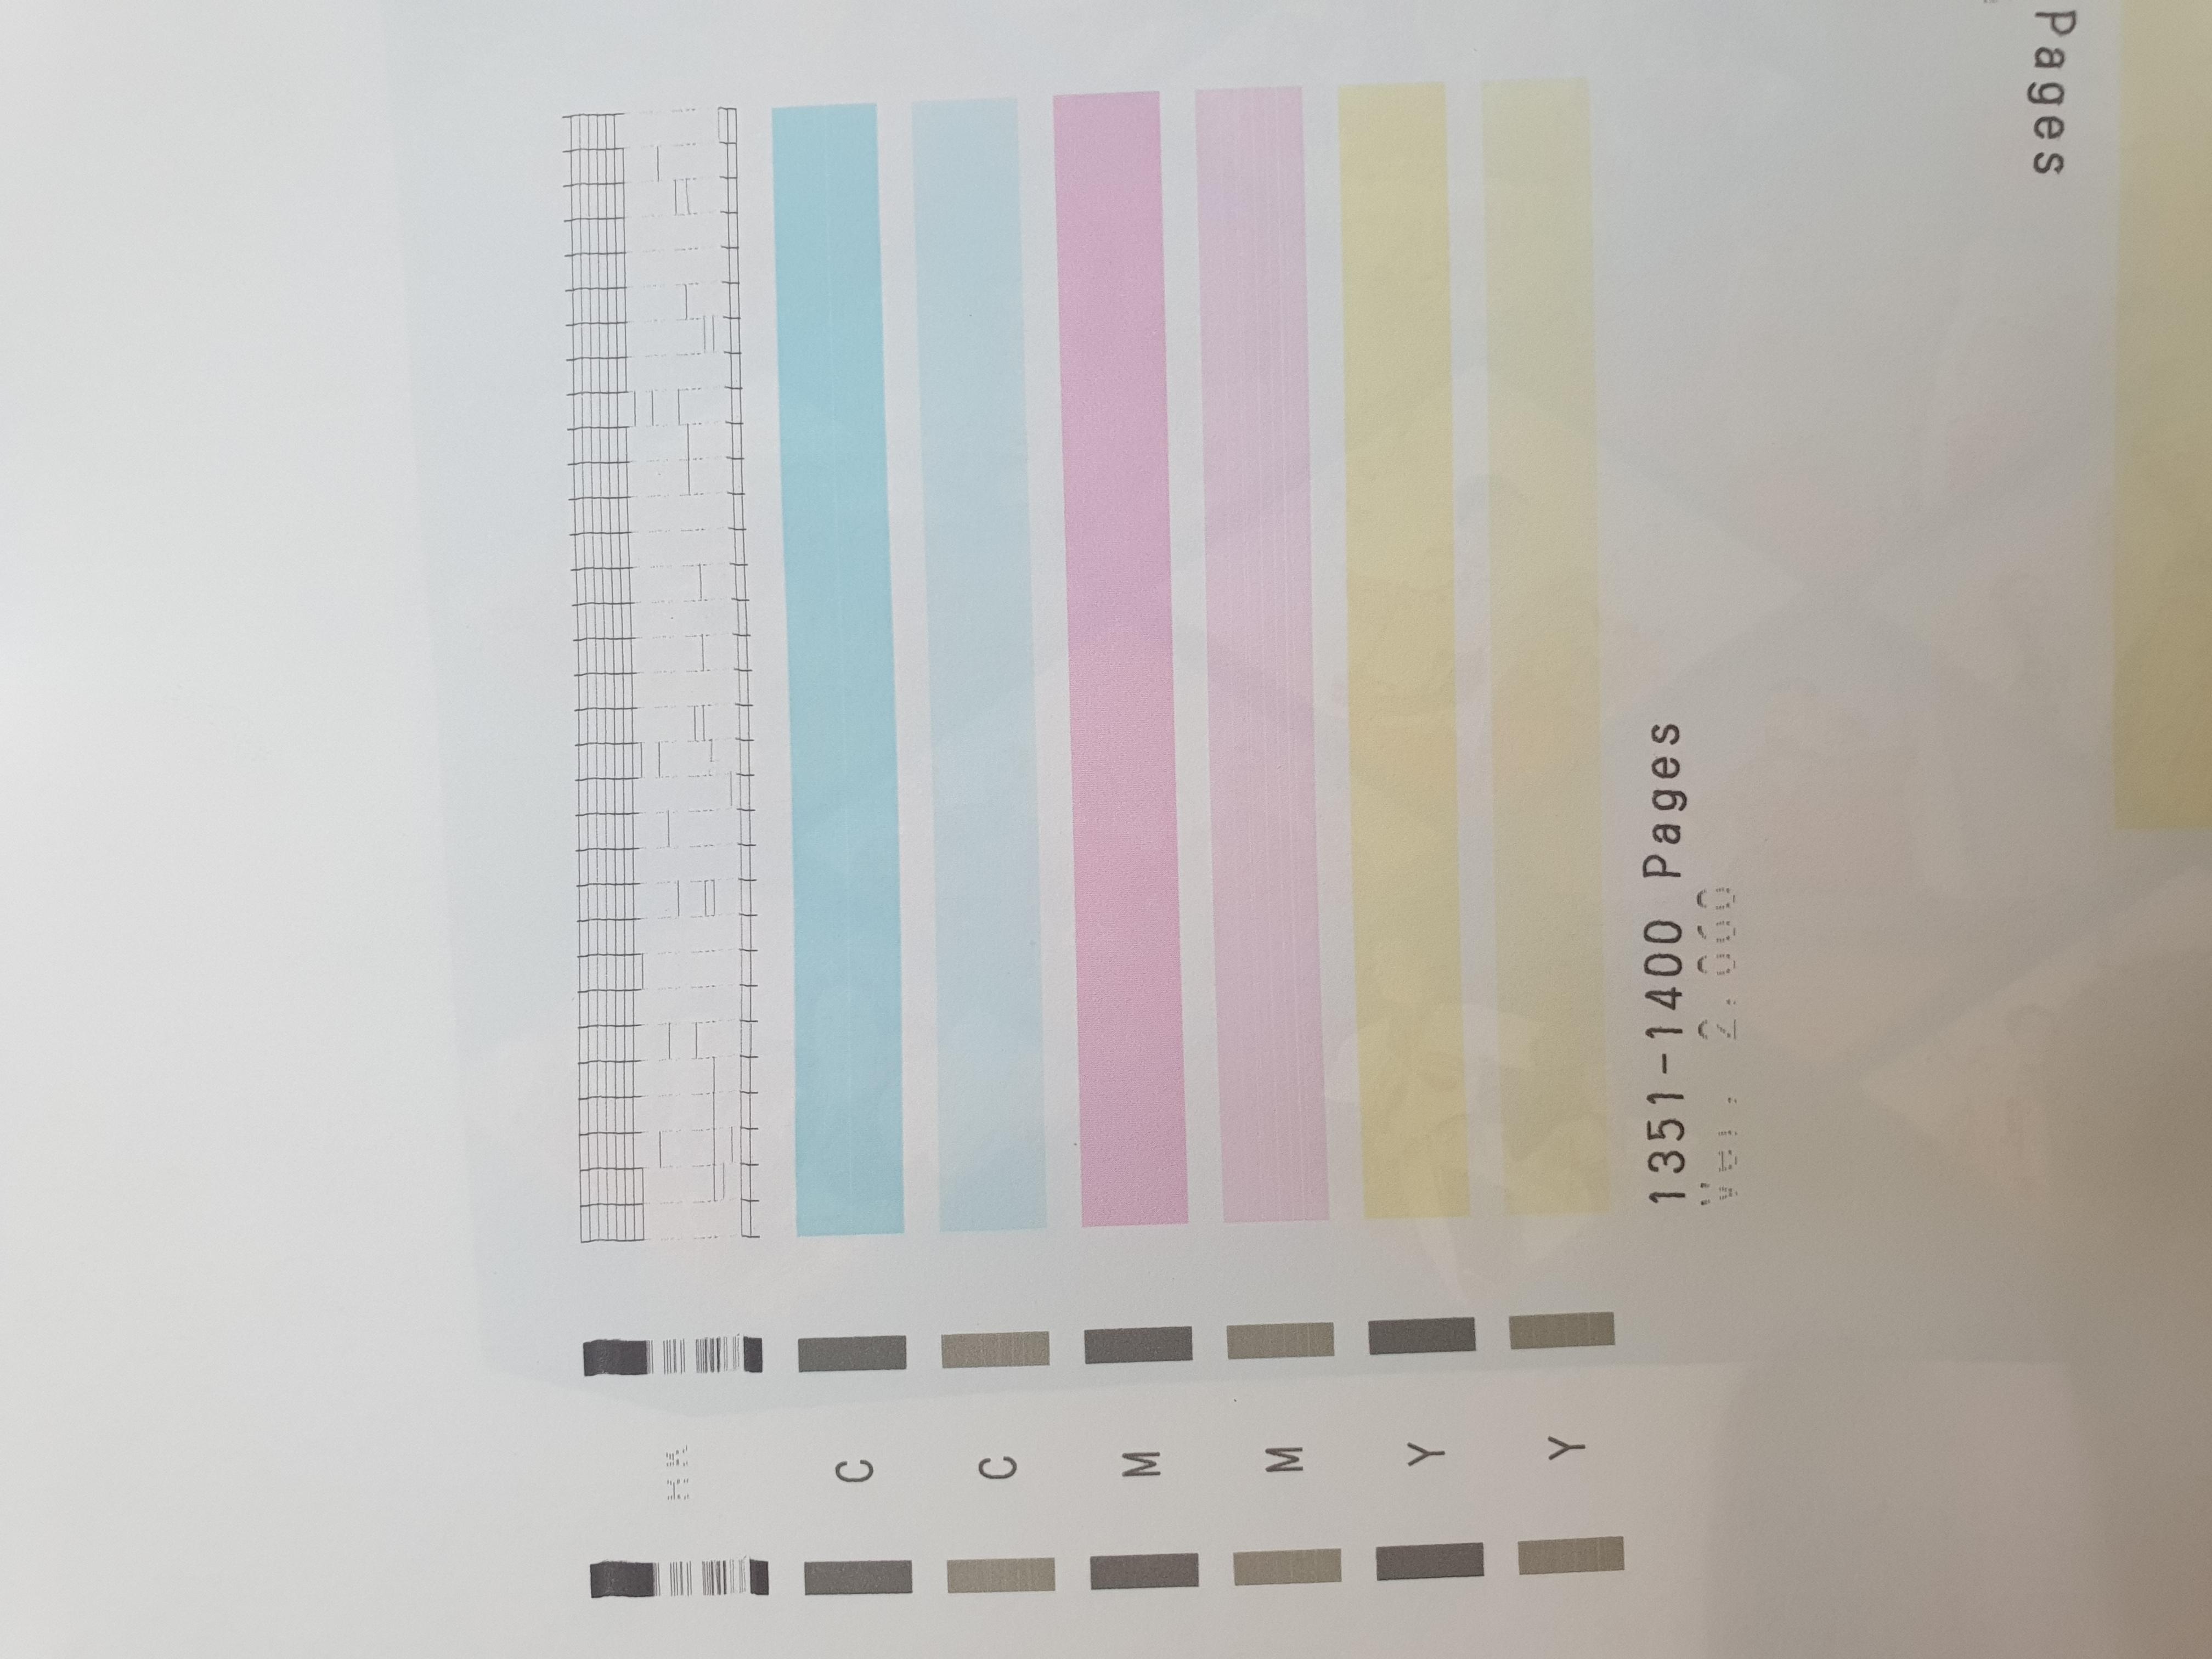 Фотографии сделанные недорогим лазерным принтером этот